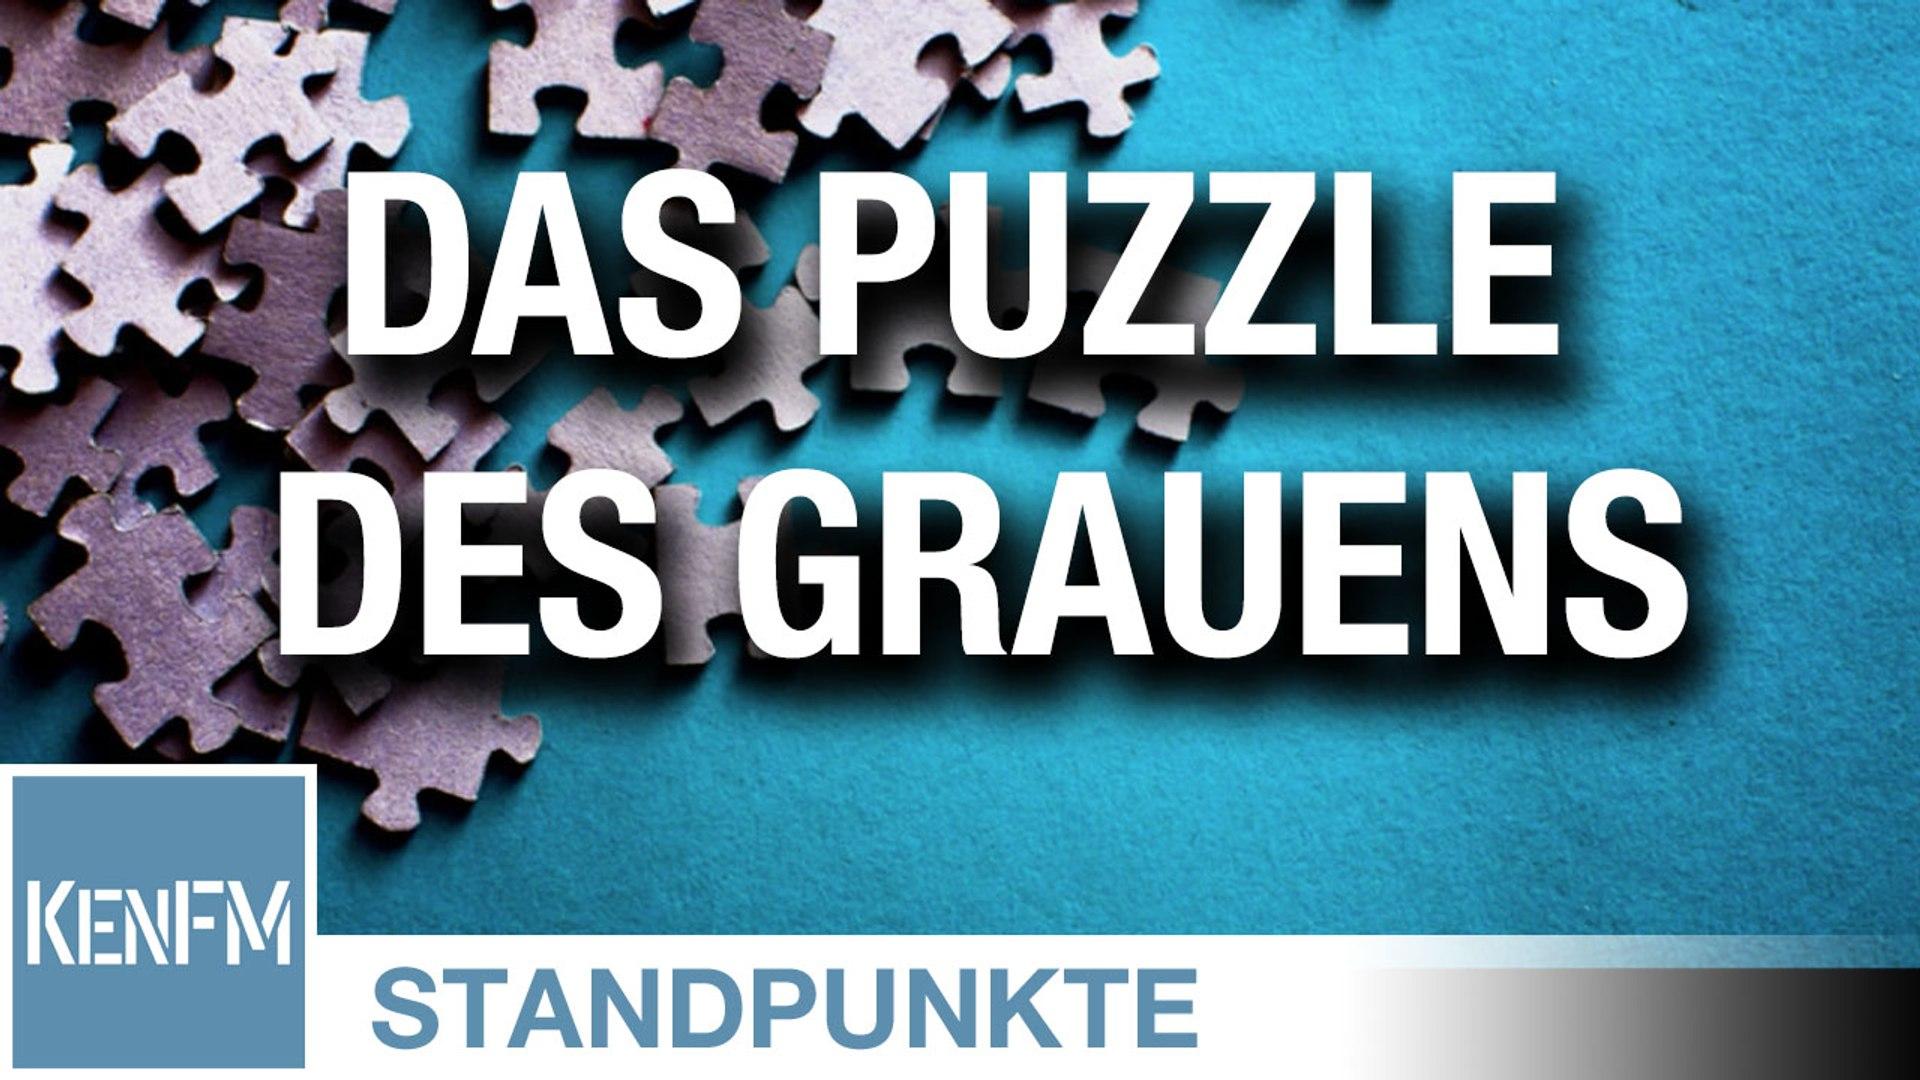 Das Puzzle des Grauens | Von Céline von Knobelsdorff